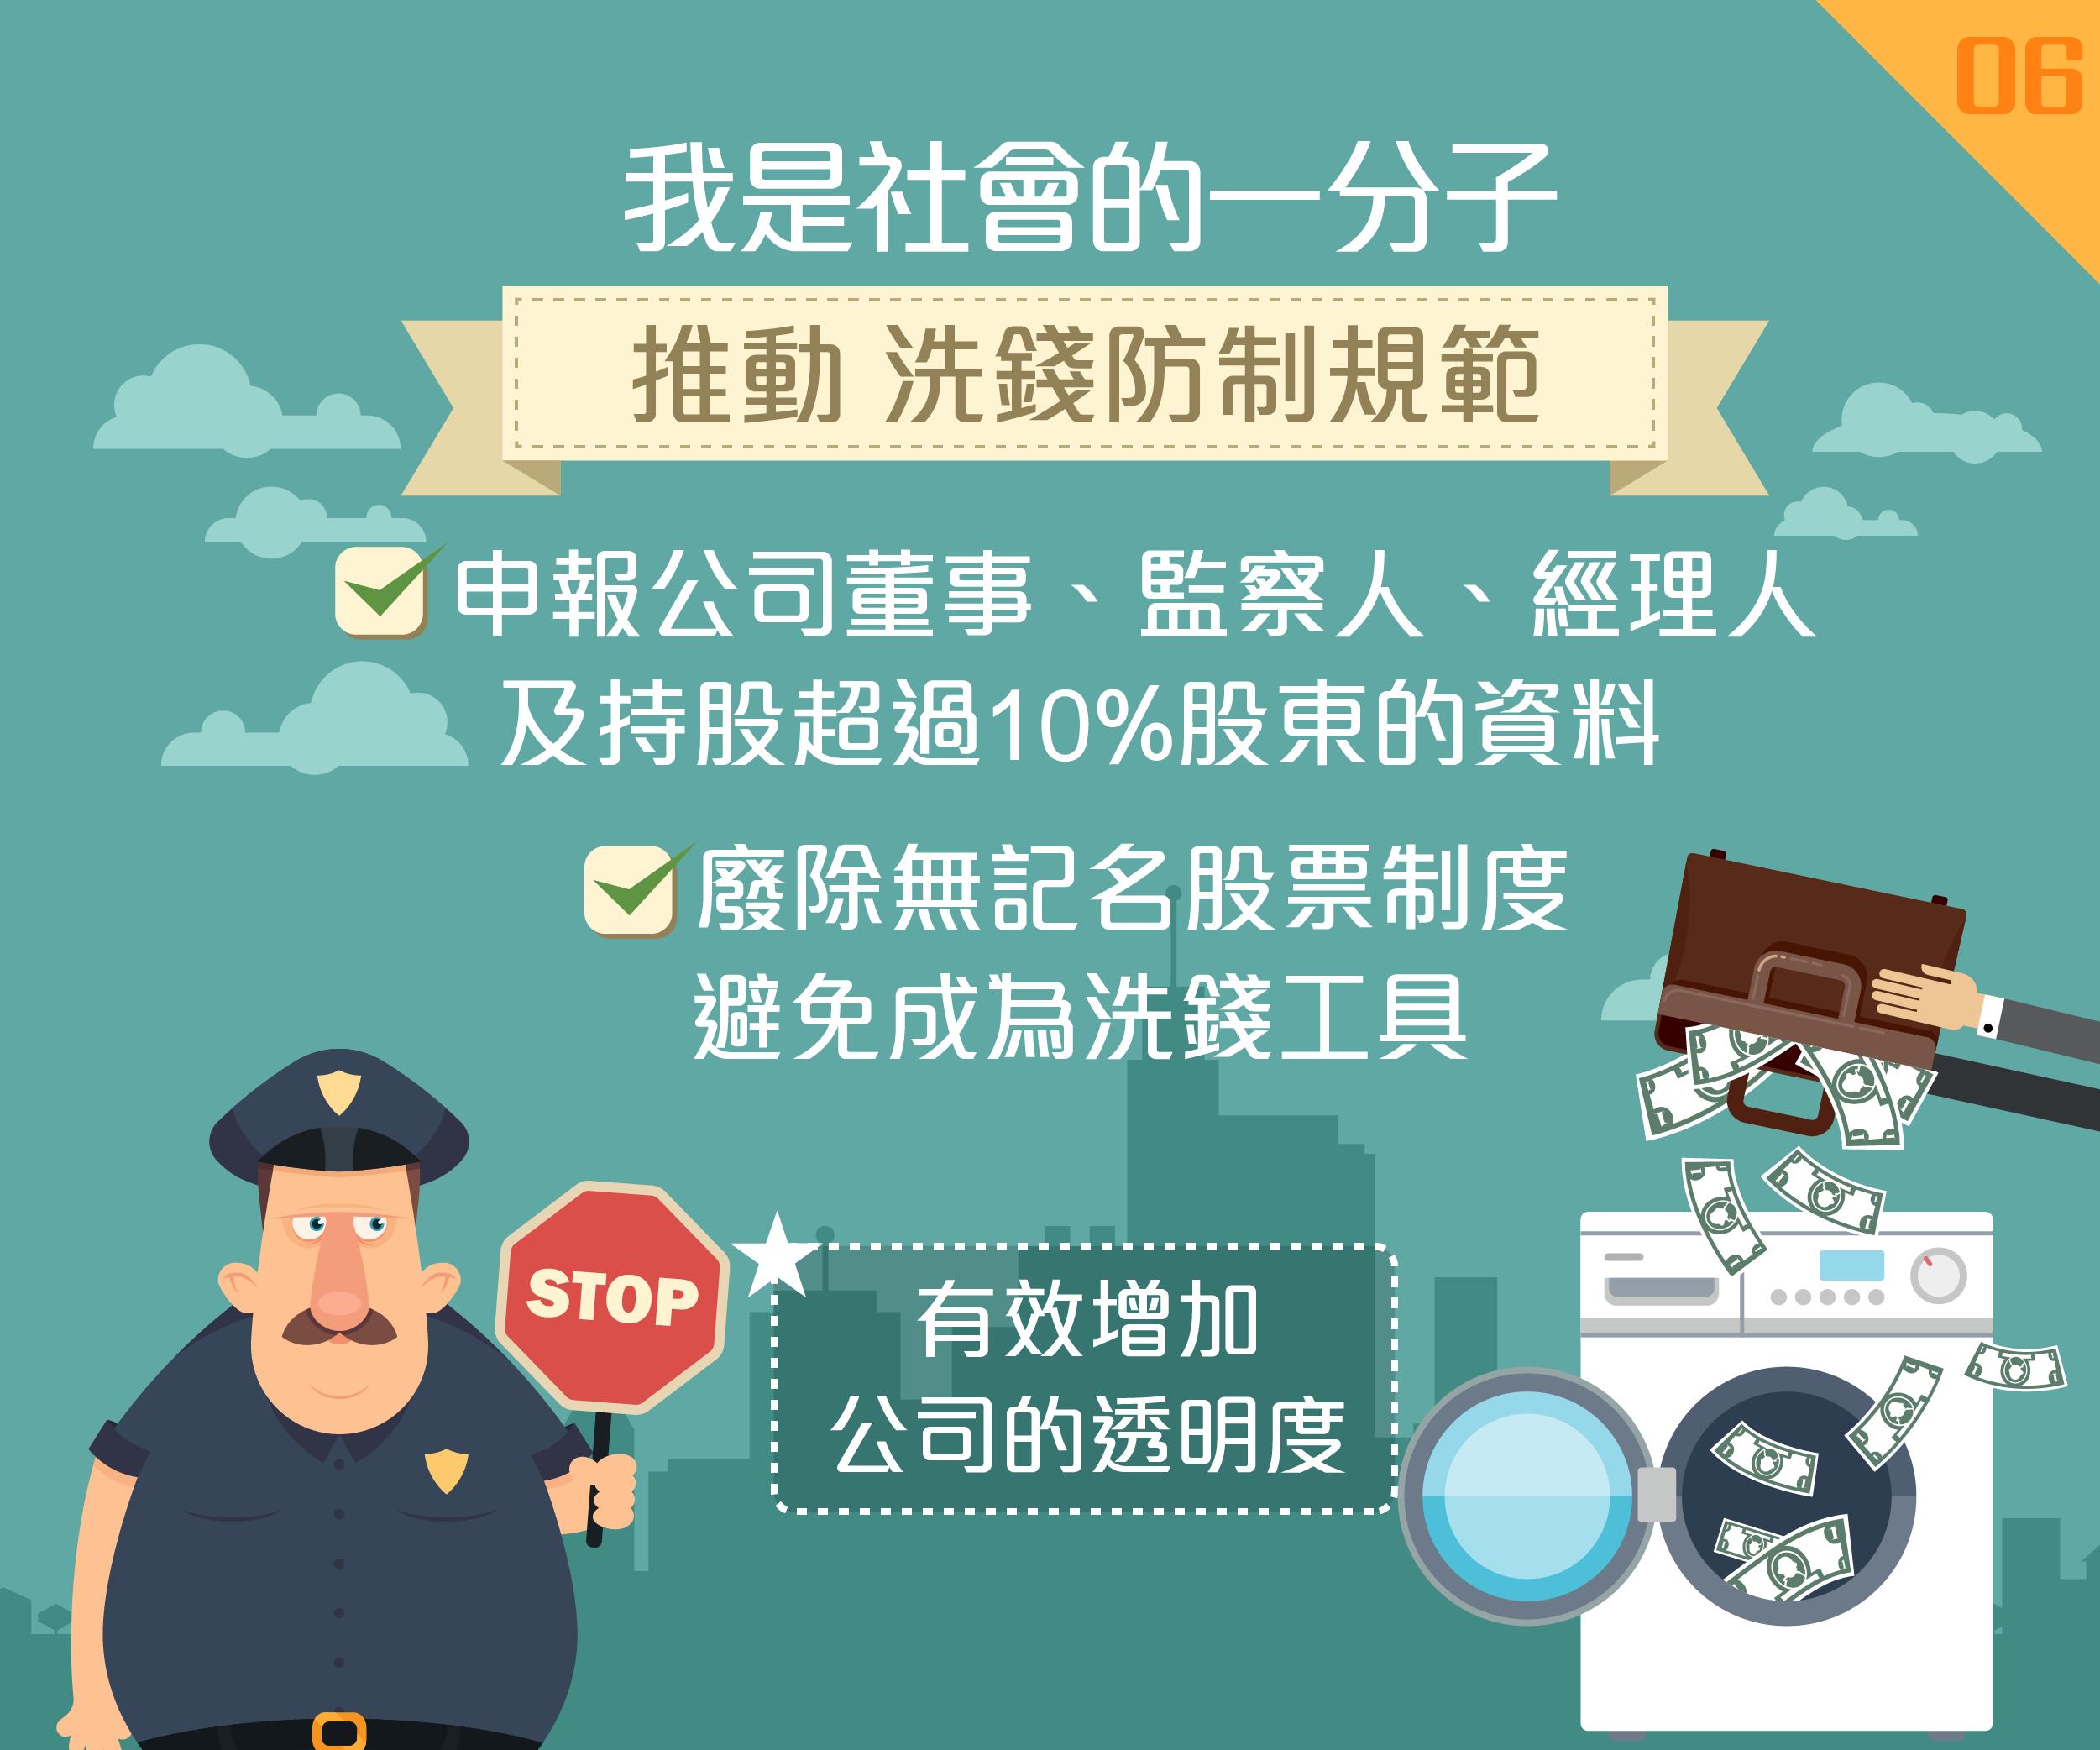 公司法懶人包修改2018-0827-07